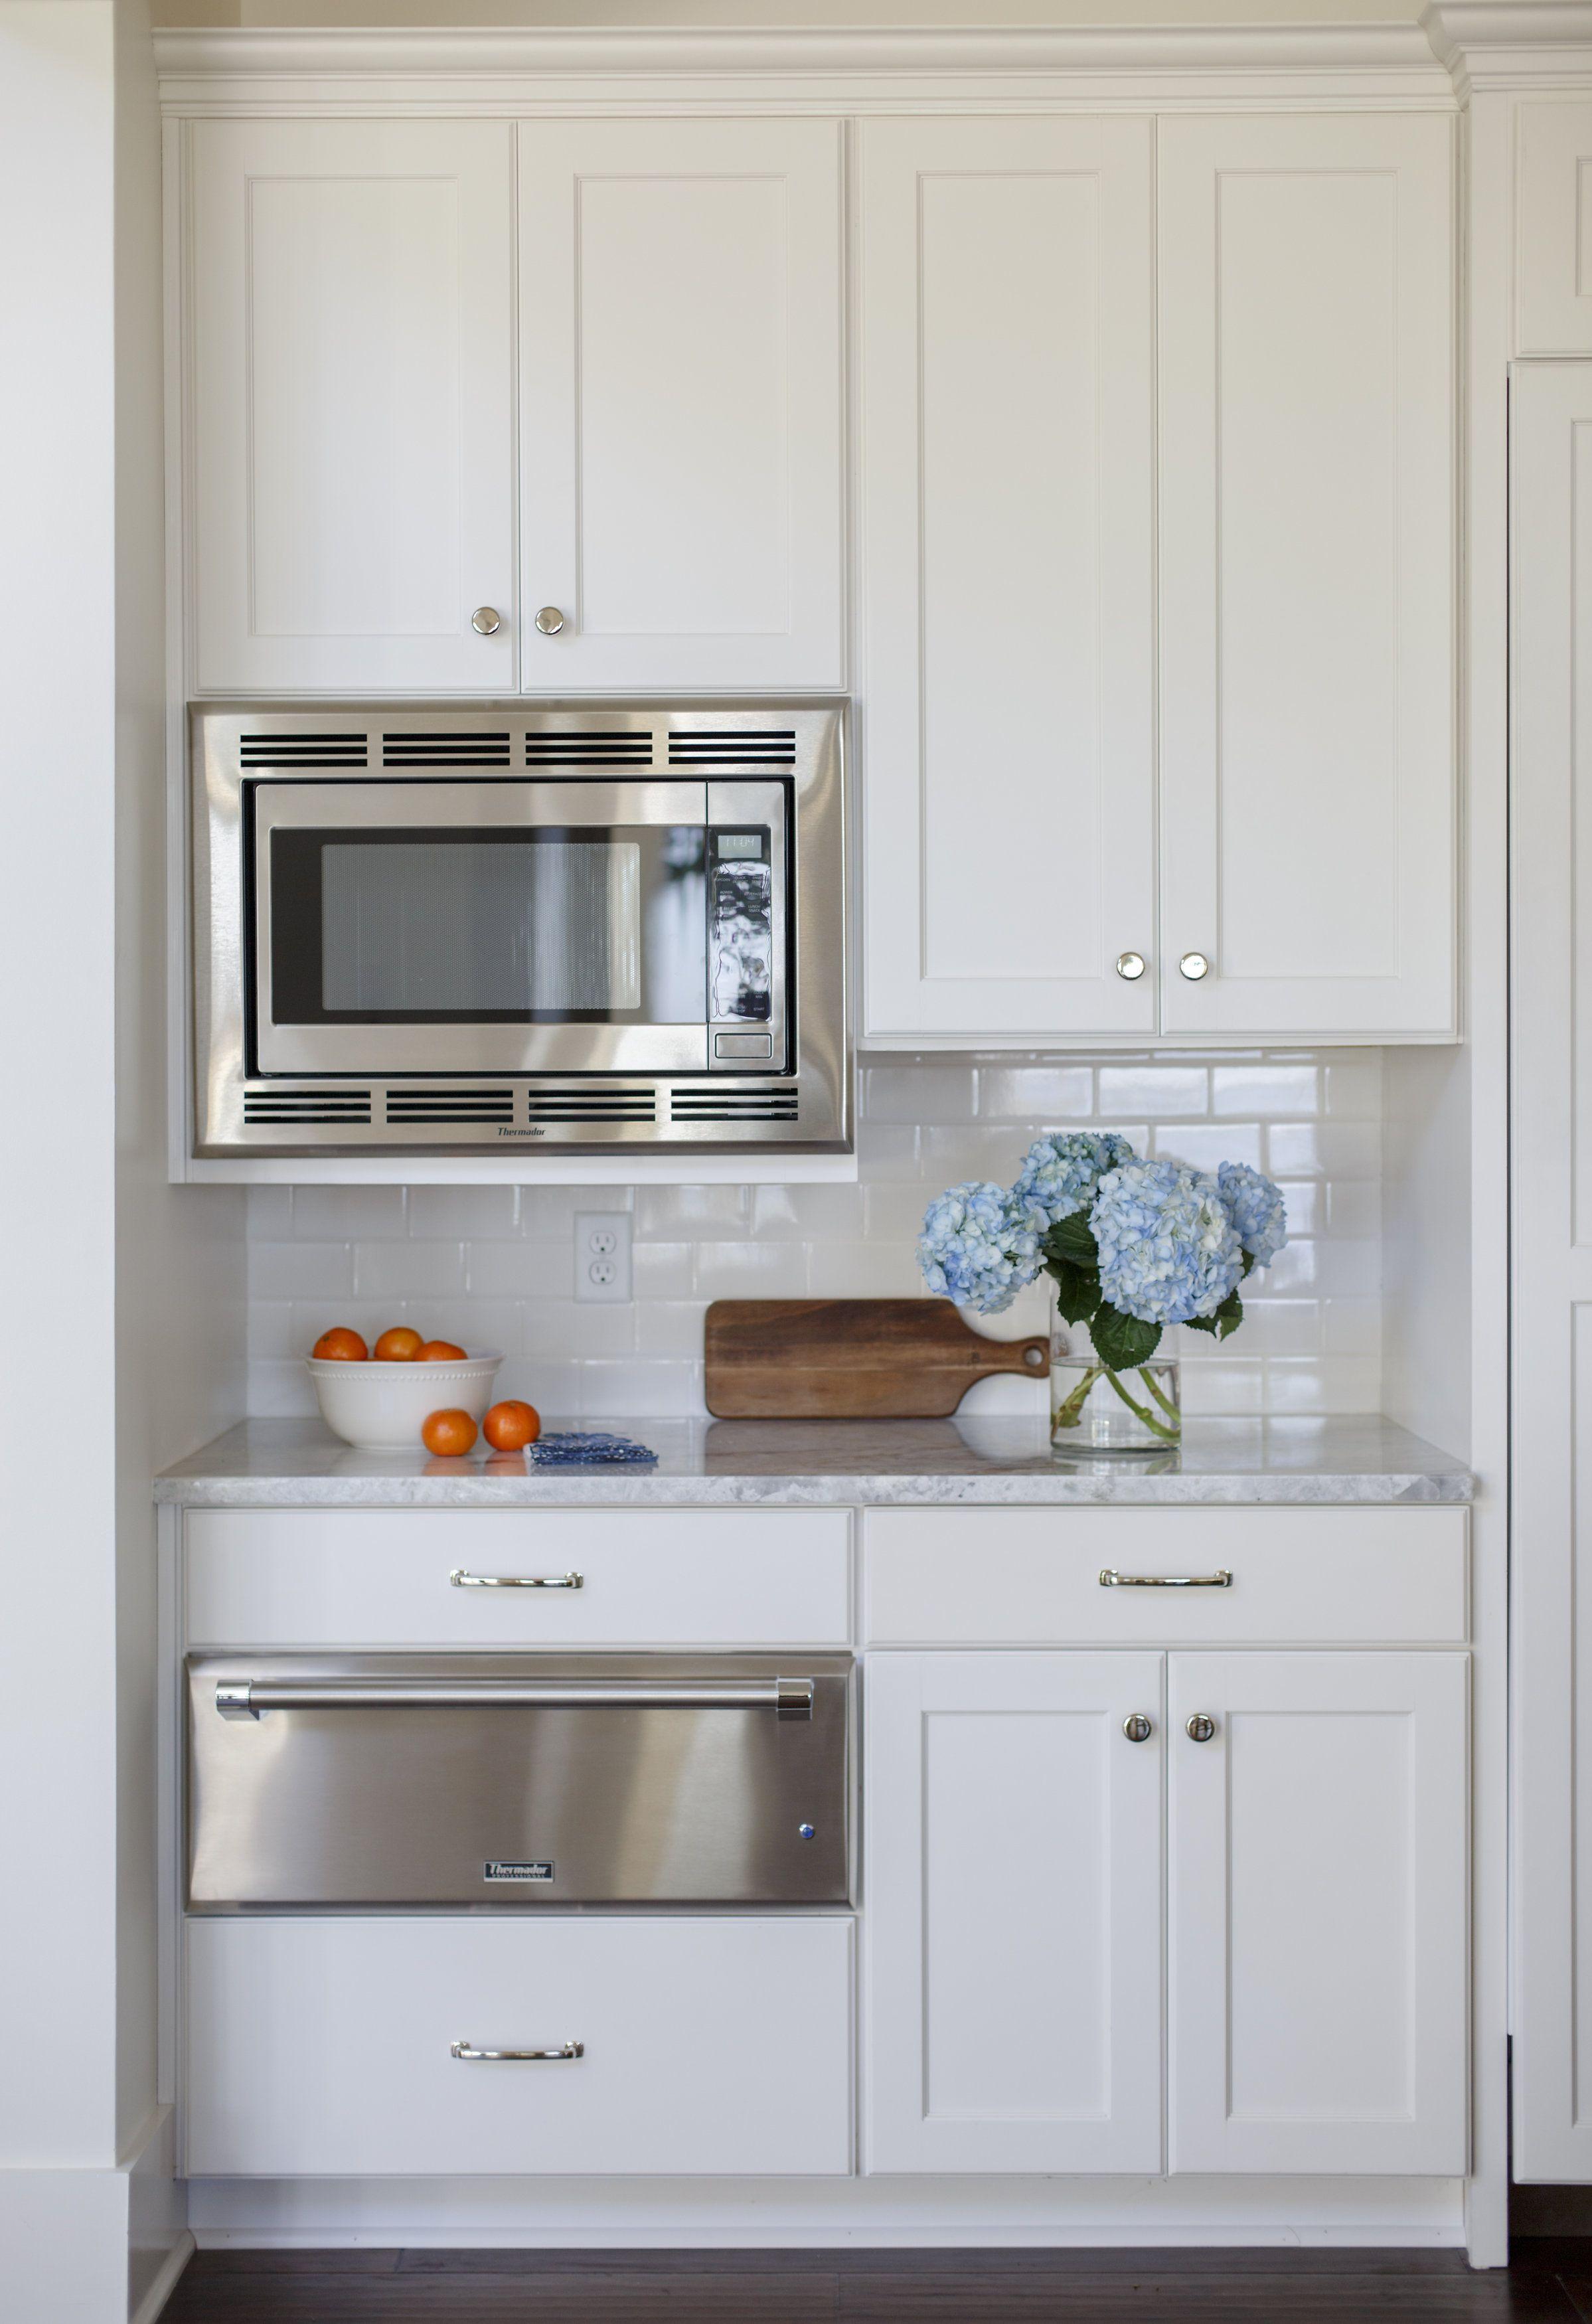 White Kitchen With Stainless Steel Appliances Lauren Leonard Interiors Upper Kitchen Cabinets Kitchen Design Kitchen Remodel